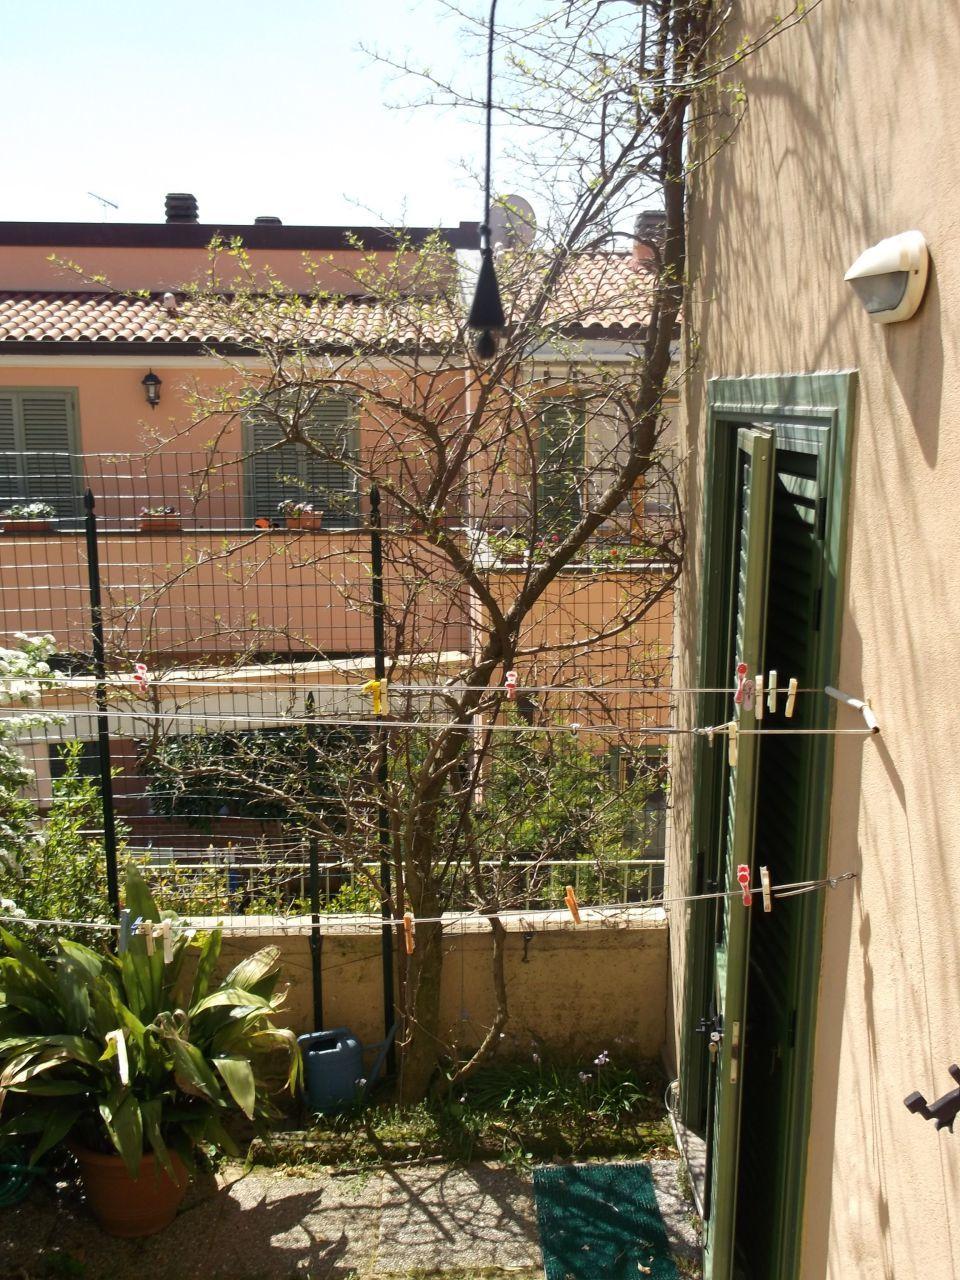 MC - Giardino 3 e Bouganville da finestra camera,